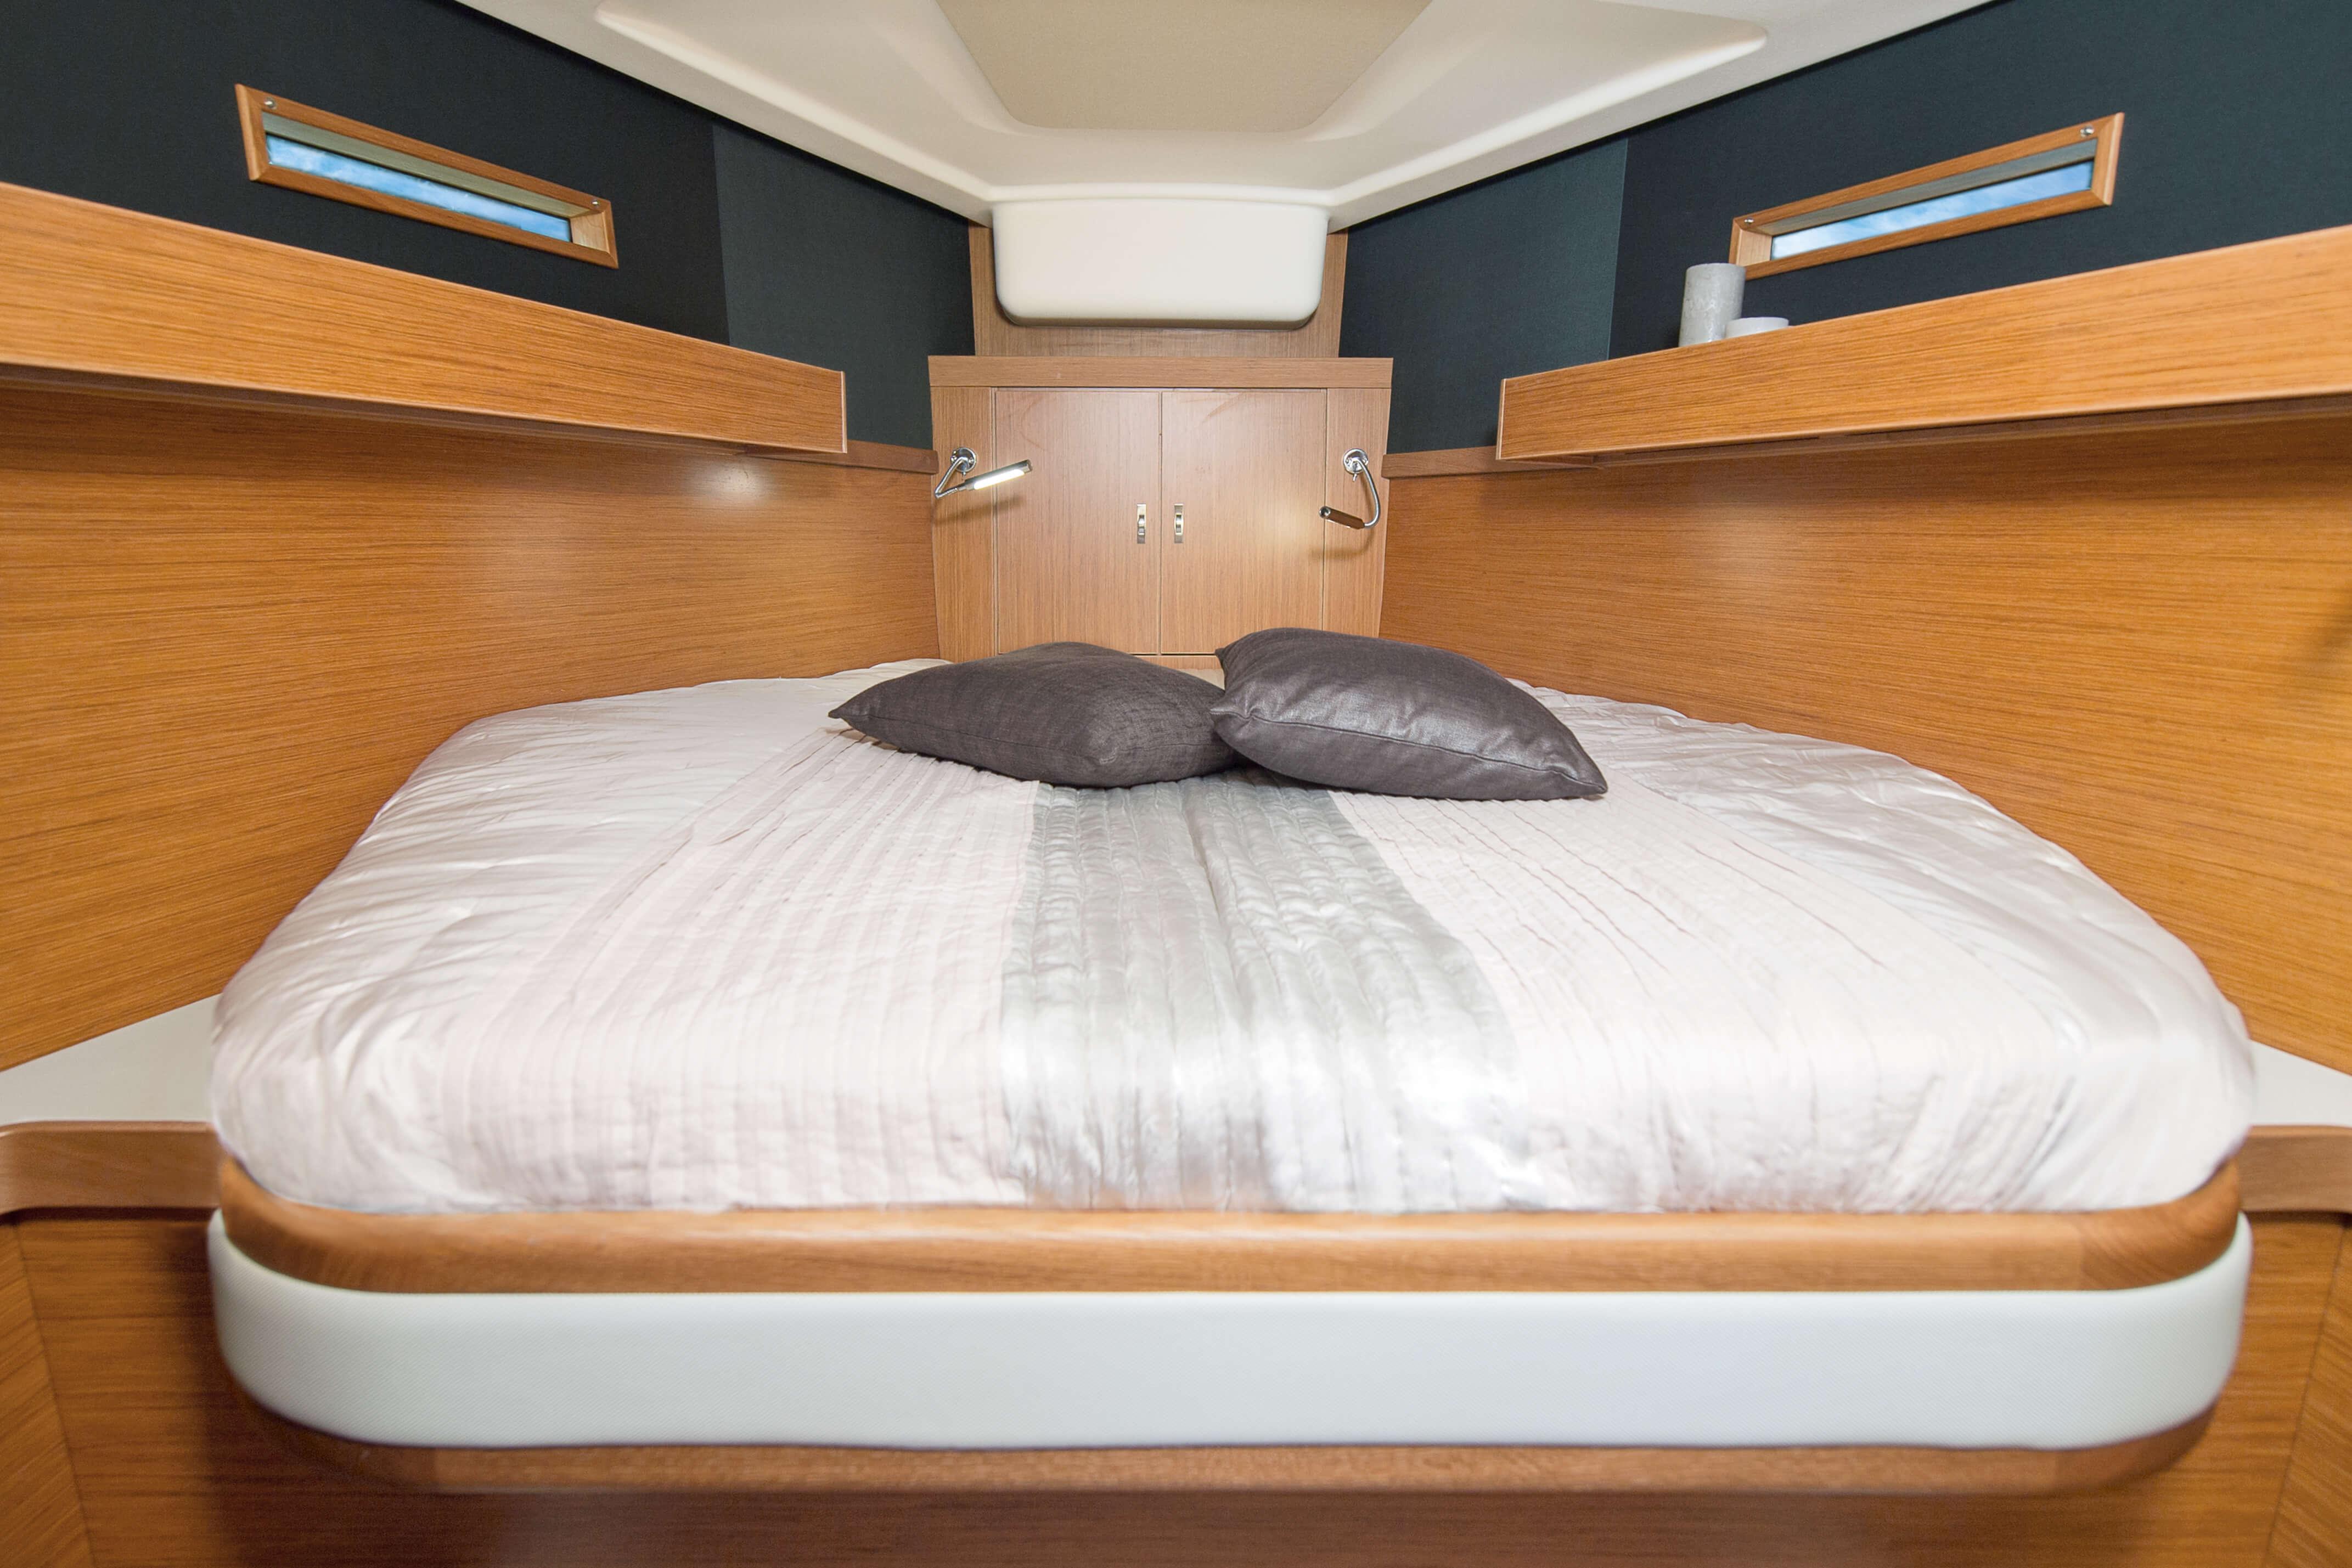 Dehler 42 Intérieur cabine du propriétaire | A1 Layout: island bed, lampe de lecture, nublot de pont, fenétre, compartiment de rangement | Dehler